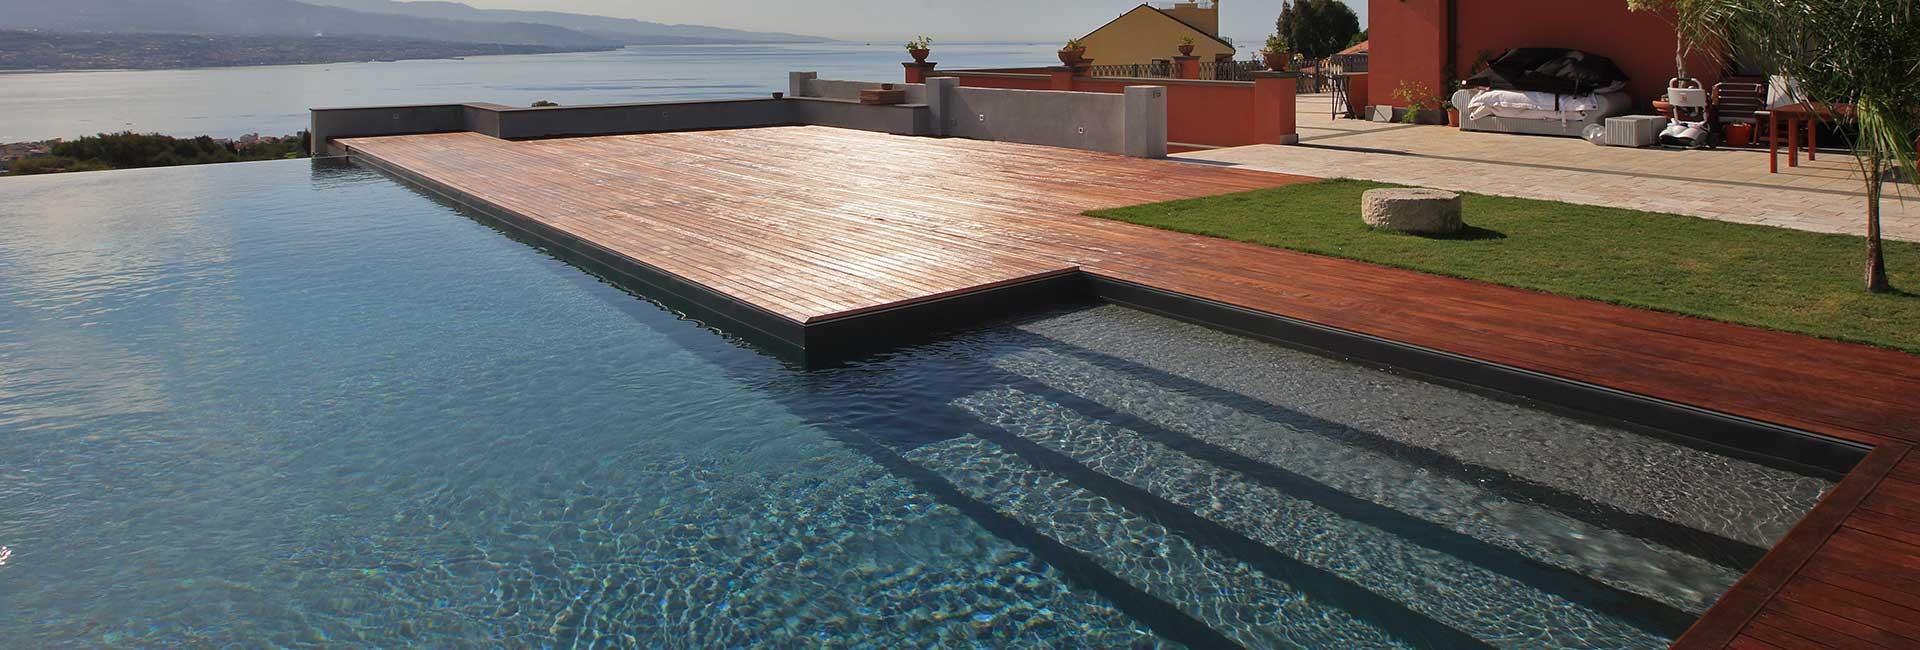 Piscine interrate costruzione e vendita bluwater impianti for Clorazione piscine